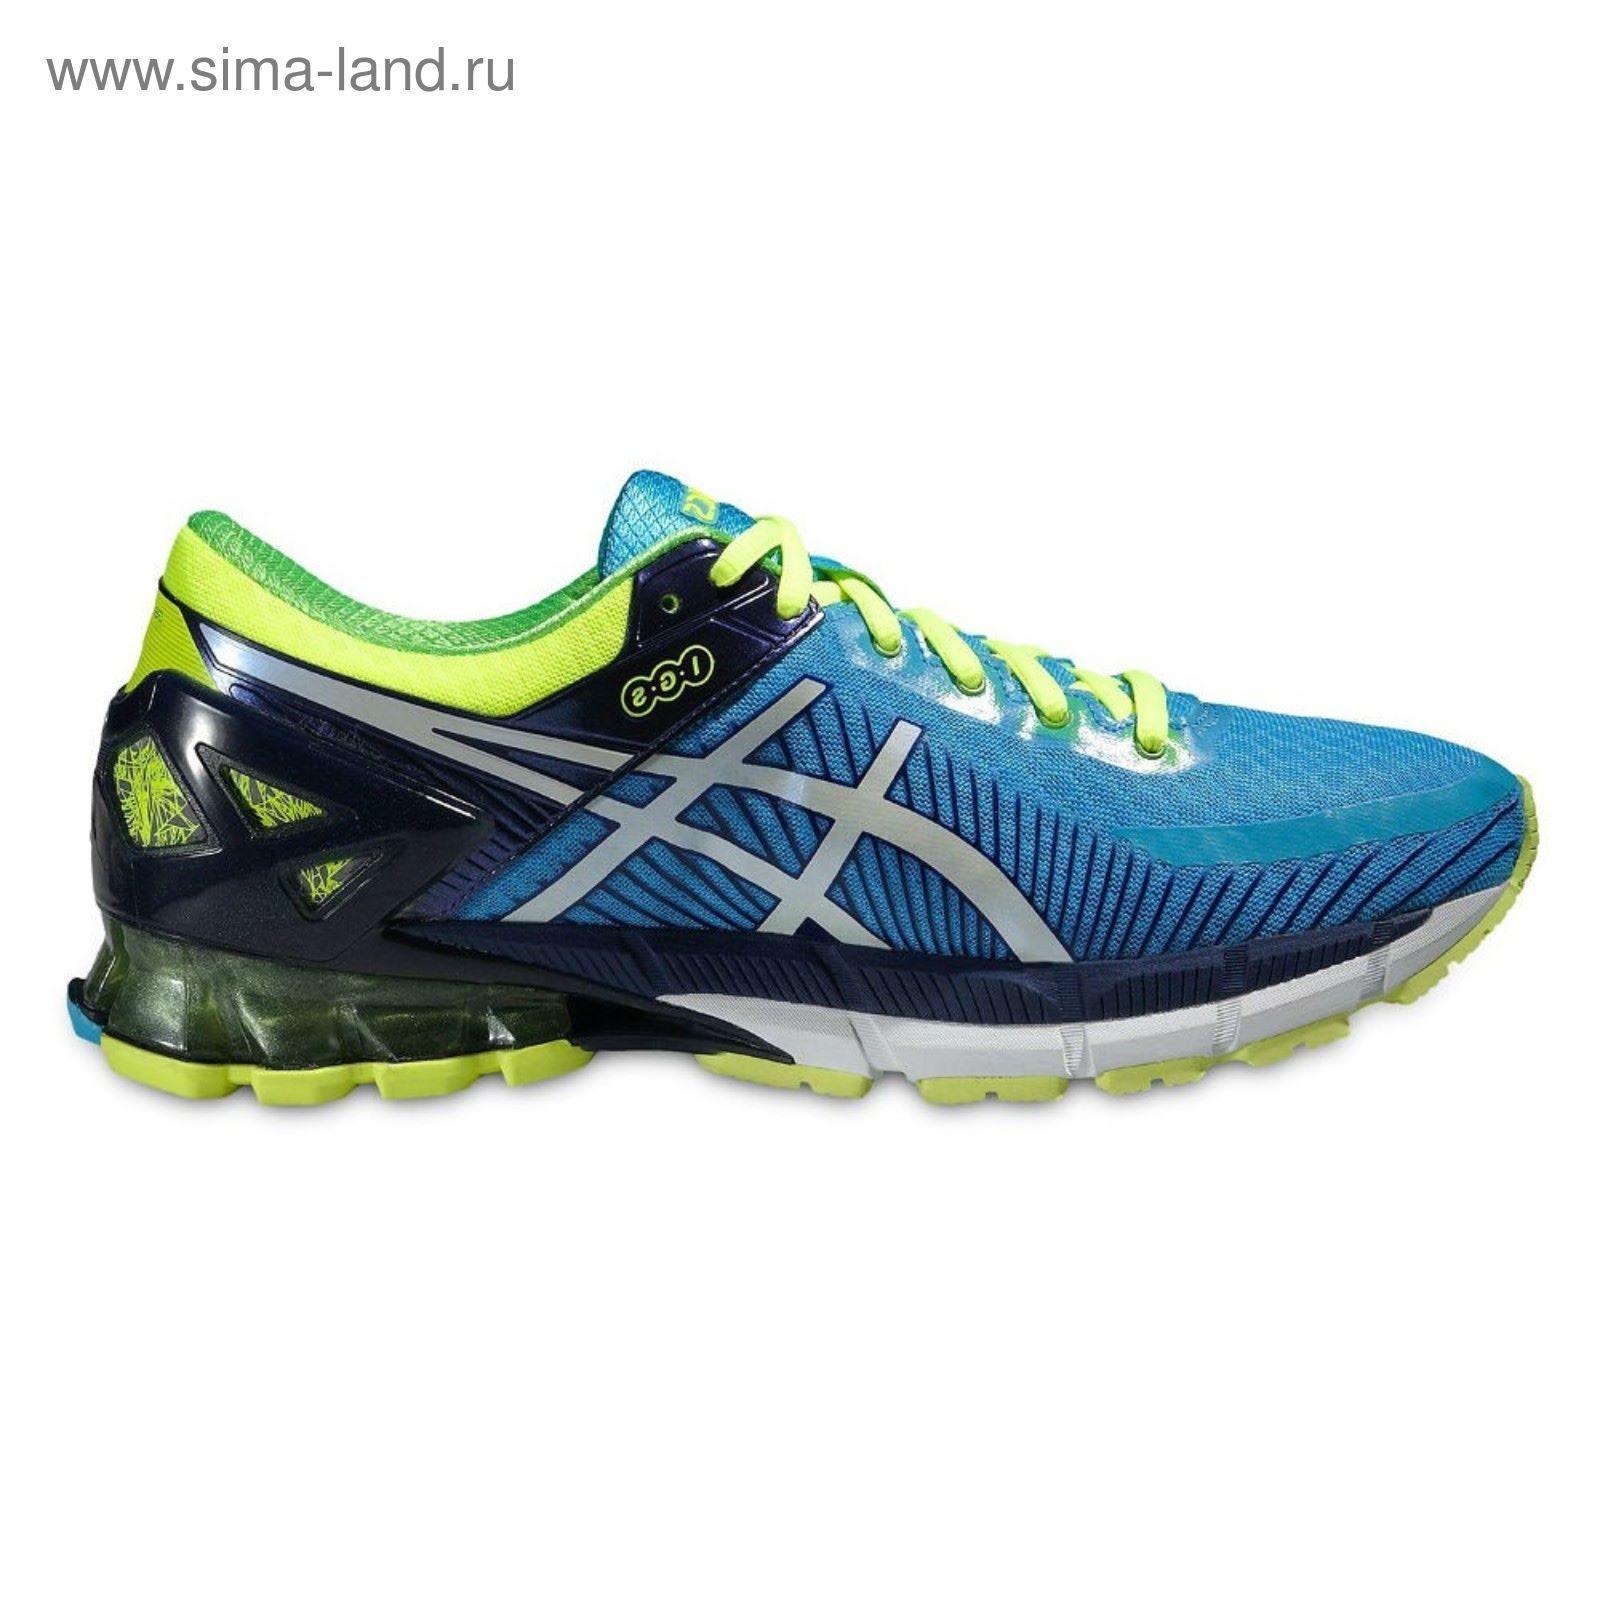 online retailer fc333 f7b5a Кроссовки беговые мужские Asics, T642N 4201, Gel-kinsei ...